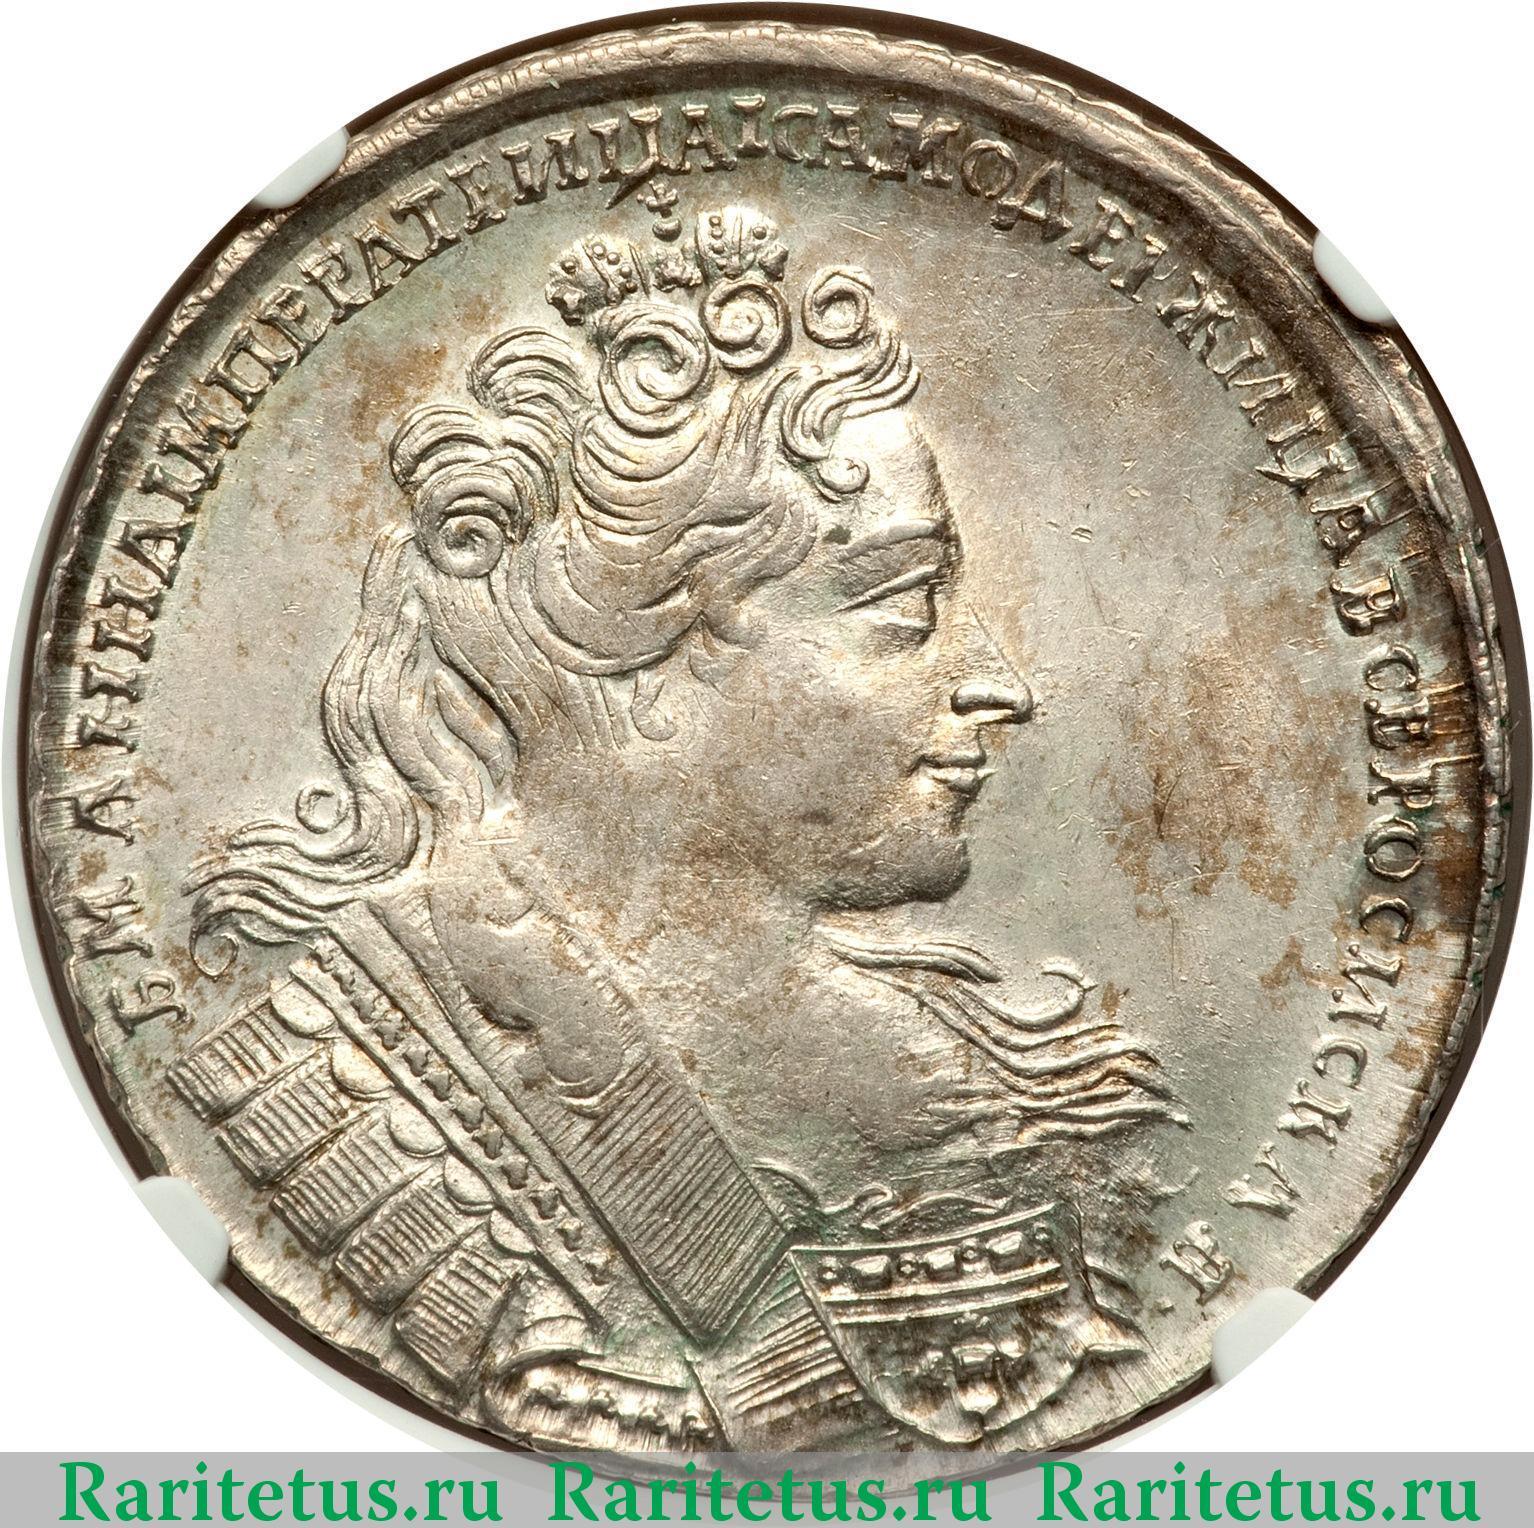 Аверс монеты 1 рубль 1732 года простой, ...